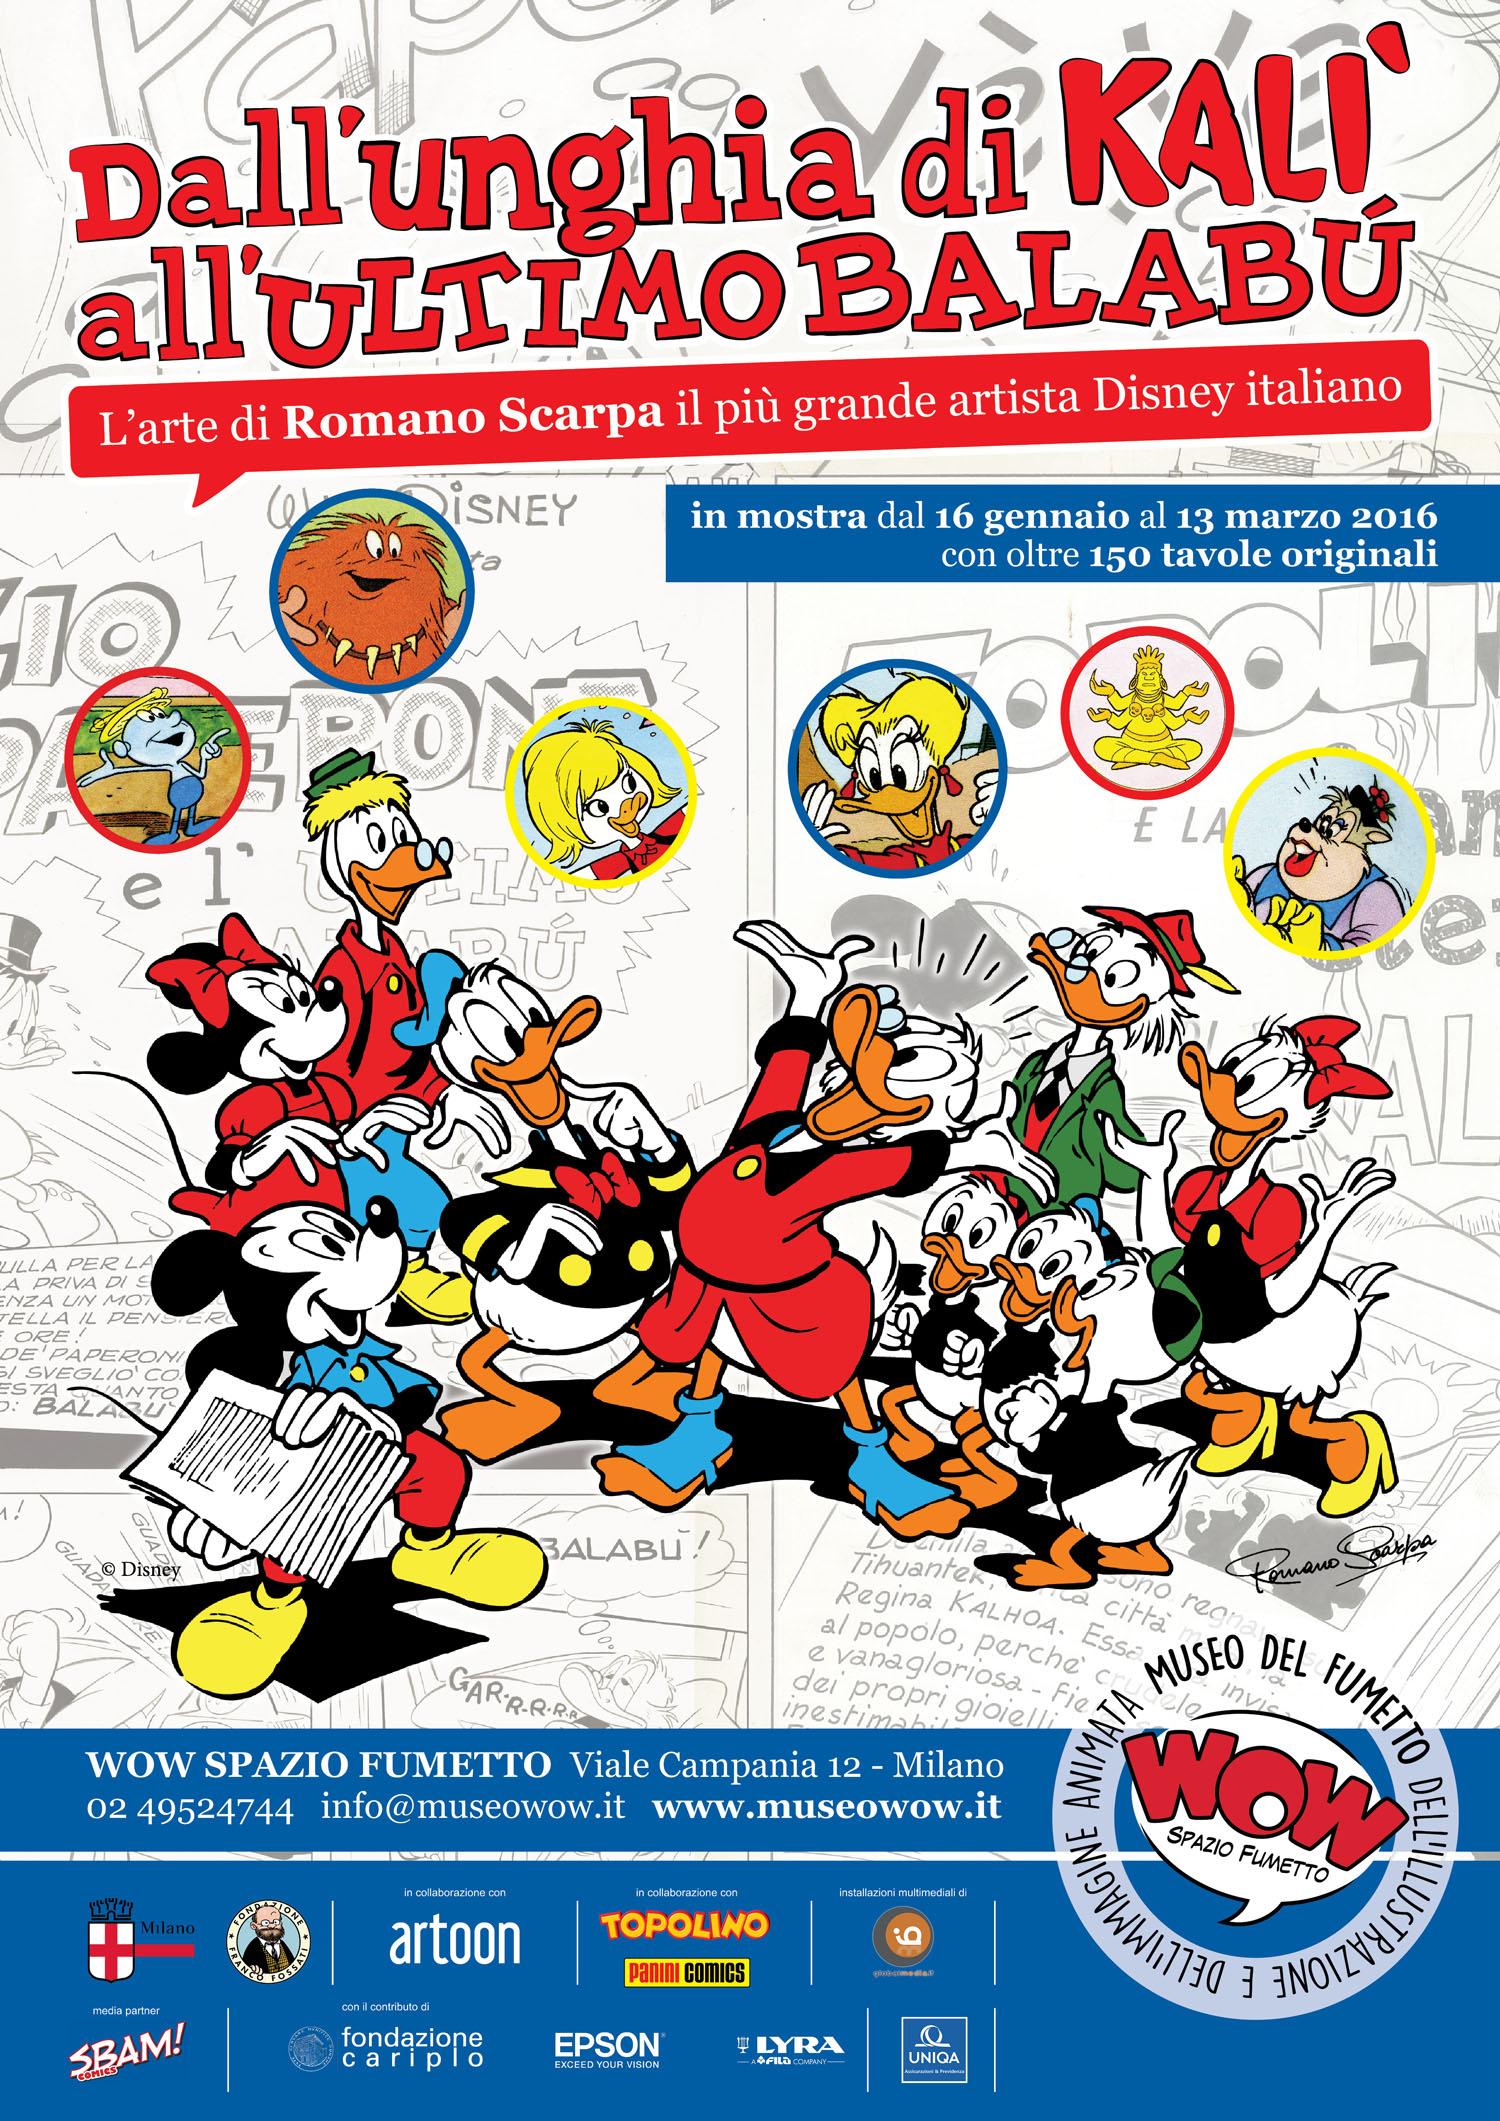 """<p>Con una mostra davvero unica nel suo genere, presentiamo l&rsquo;arte di <a target=""""_blank"""" href=""""http://www.lfb.it/fff/fumetto/aut/s/scarpa.htm"""">Romano Scarpa</a>, il pi&ugrave; grande disegnatore Disney italiano, che ha saputo lasciare un segno indelebile nella produzione Disney italiana e internazionale. Grazie alla preziosa collaborazione di Marco Castelletta, il maggior collezionista italiano di opere di Romano Scarpa,&nbsp;e di altri collezionisti disneyani e ai materiali custoditi nell&#39;archivio della Fondazione Franco Fossati, sar&agrave; possibile ammirare il lavoro del grande artista non solo grazie alle oltre <strong>150 tavole originali</strong> tratte dalle sue storie pi&ugrave; amate, ma anche grazie a preziosi <strong>&ldquo;dietro le quinte&rdquo;</strong> per la prima volta esposti al pubblico, come i dettagliatissimi <strong>story board</strong> a matita, in cui Scarpa verificava che tutto fosse al posto giusto prima di passare al disegno vero e proprio. Saranno esposte <strong>pagine tratte dalle sceneggiature originali</strong>, <strong>illustrazioni</strong> e <strong>copertine</strong> e inoltre verranno indagate, approfondite e svelate le ispirazioni pi&ugrave; diverse che hanno stimolato la fantasia di Scarpa: grande appassionato di <strong>cinema</strong>, il grande artista veneziano seppe infatti trasporre nel mondo Disney le atmosfere del grande schermo, guardando alla produzione di ammiratissimi registi come Frank Capra e Alfred Hitchcock. Attraverso riproduzioni a colori e ingrandimenti scenografici sar&agrave; anche possibile rivivere le storie pi&ugrave; belle di Scarpa alla scoperta delle sue trovate pi&ugrave; inusitate e geniali. Tra le molte tavole originali esposte in mostra, solo per citarne alcune, si potranno ammirare quelle della <strong>sua prima storia</strong> pubblicata <strong>Biancaneve e Verde Fiamma</strong> (1953), ma anche quelle di <strong>Topolino e le delizie natalizie</strong> (1954, prima storia con Mickey"""